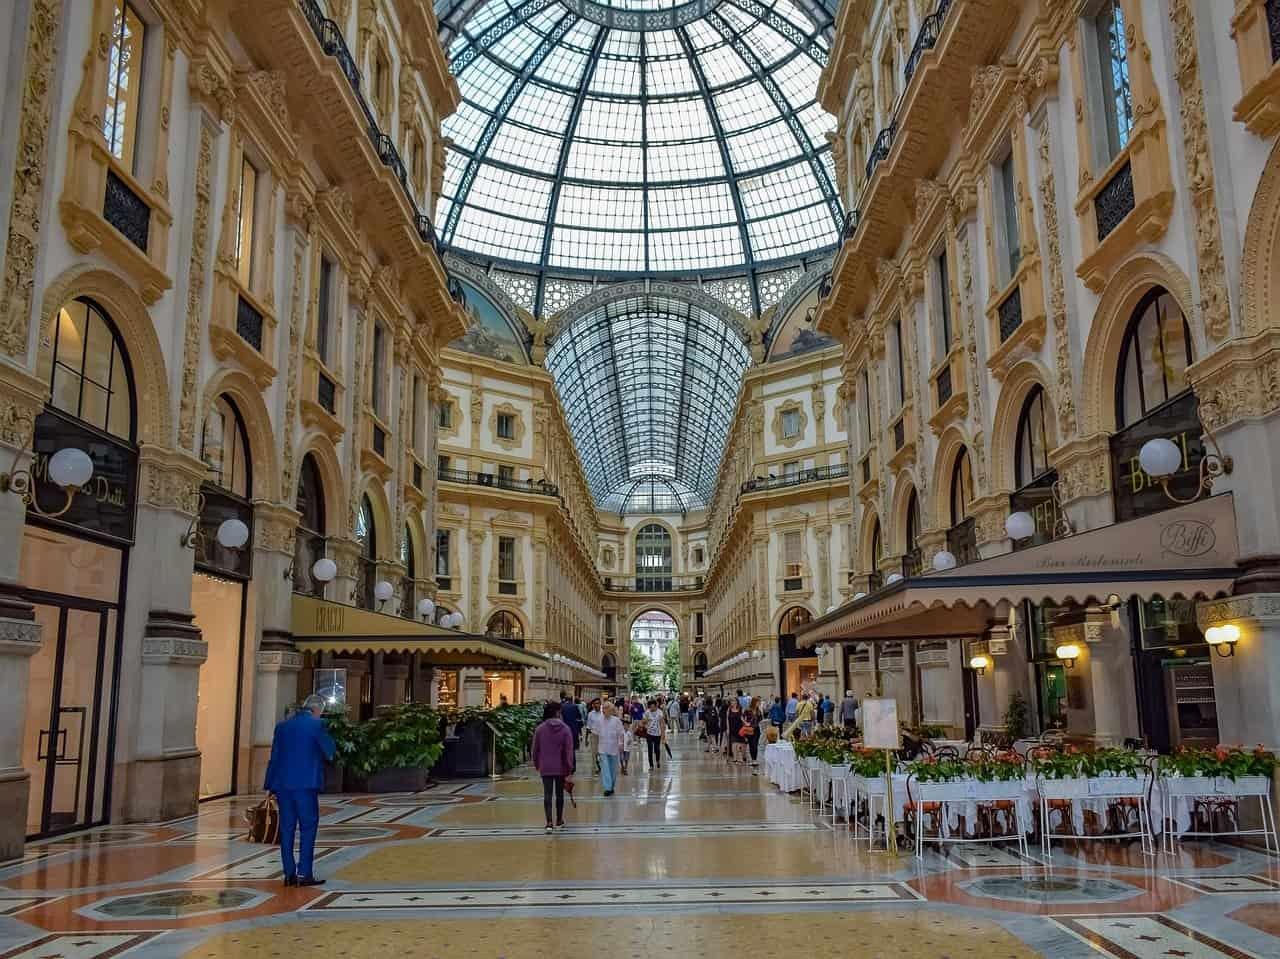 In Italia arriva la zona bianca con il nuovo DPCM: le regioni che potrebbero riaprire